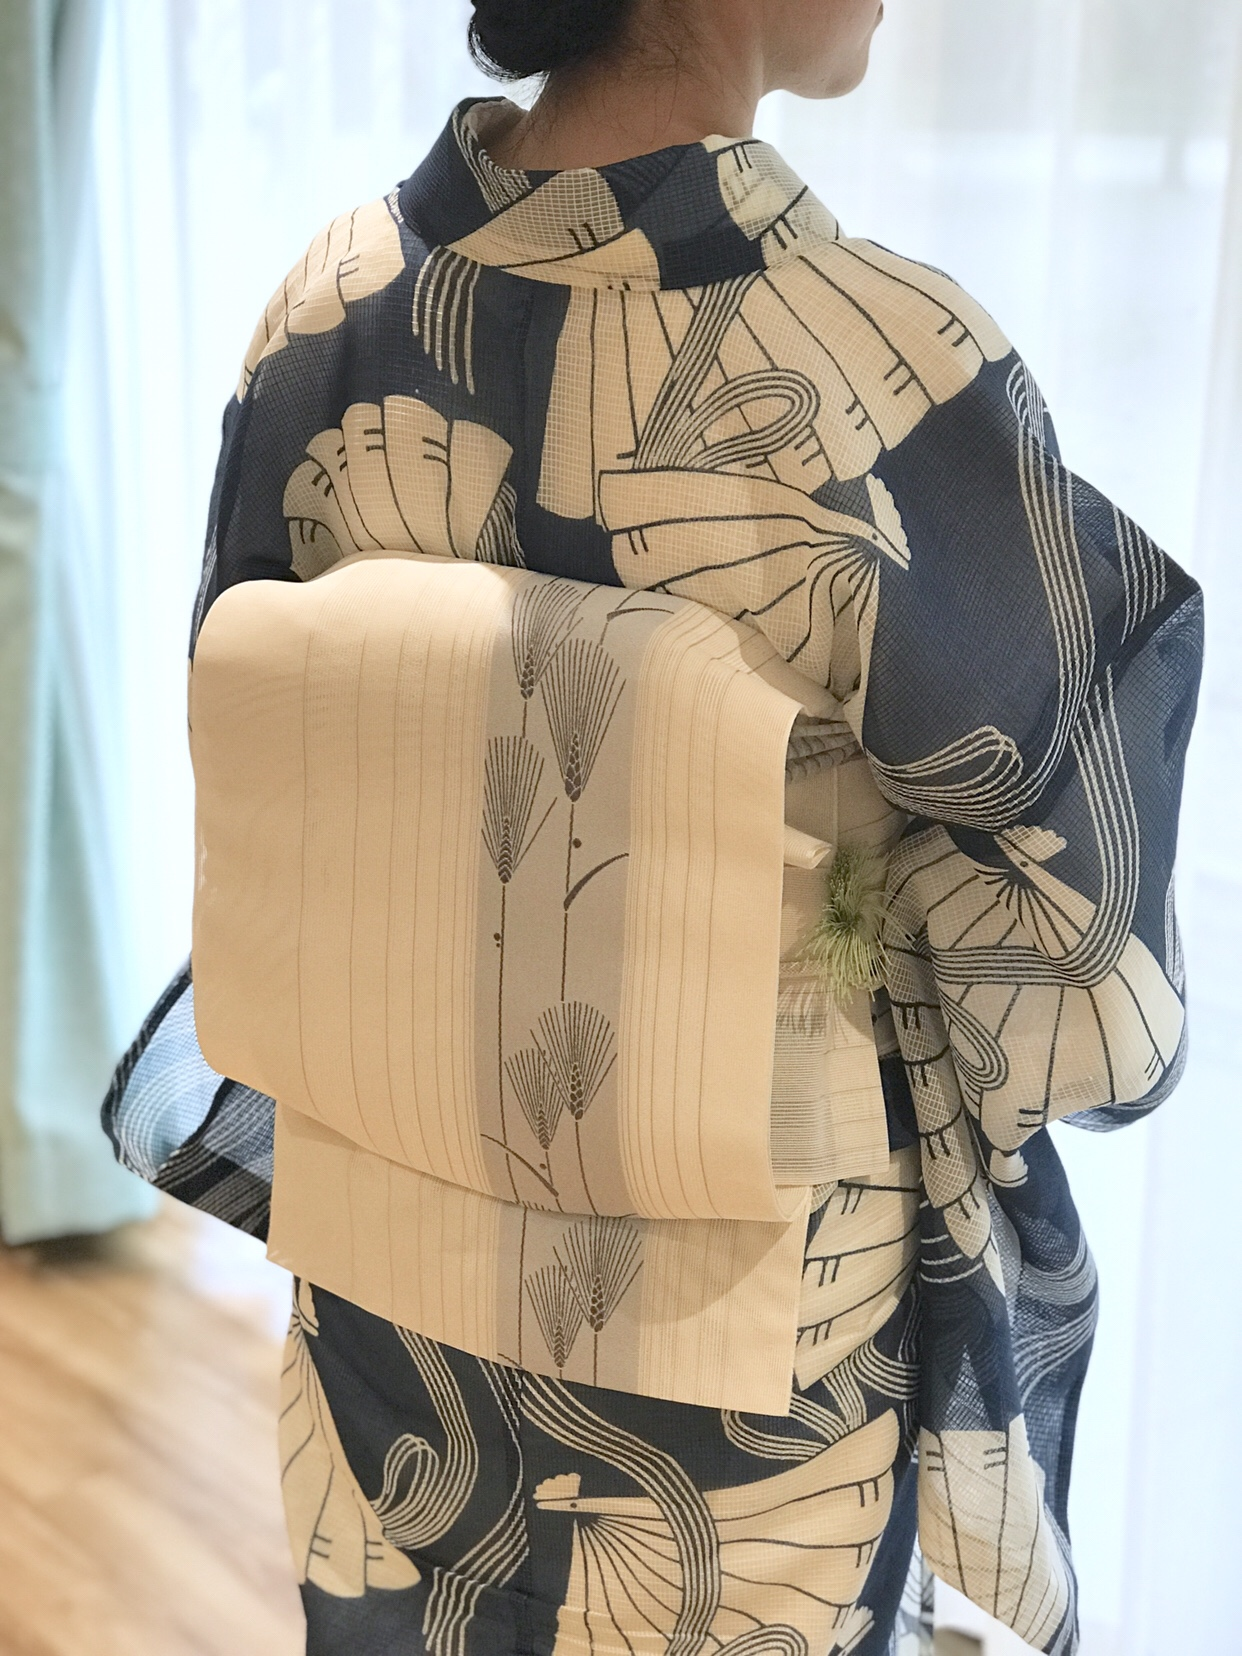 絹紅梅浴衣、博多織八寸名古屋帯